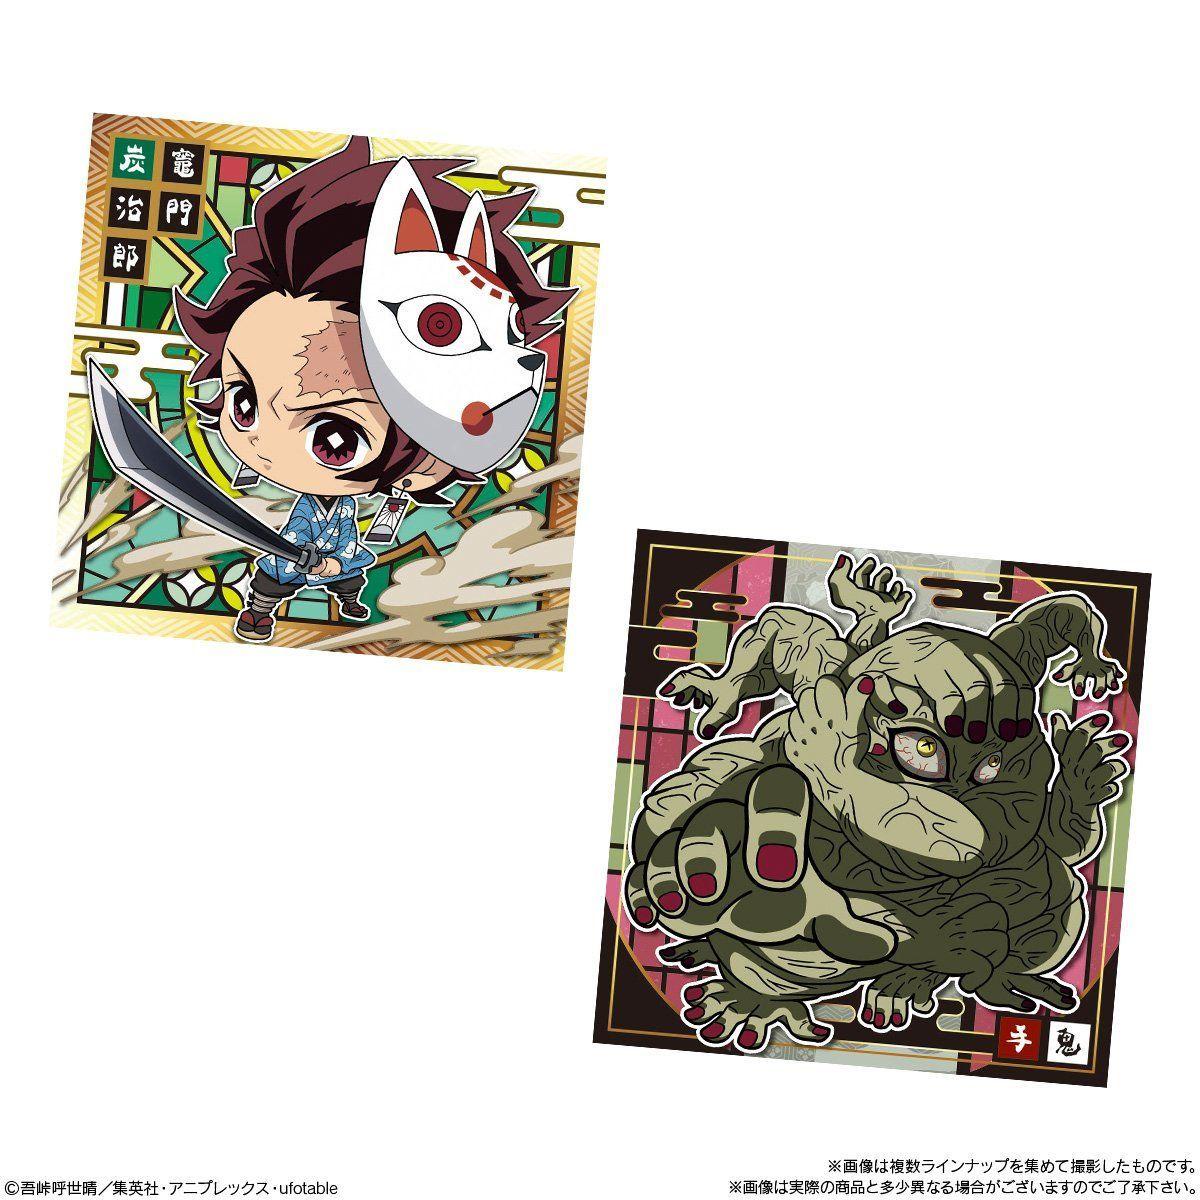 【食玩】鬼滅の刃『ディフォルメシールウエハース』20個入りBOX-002